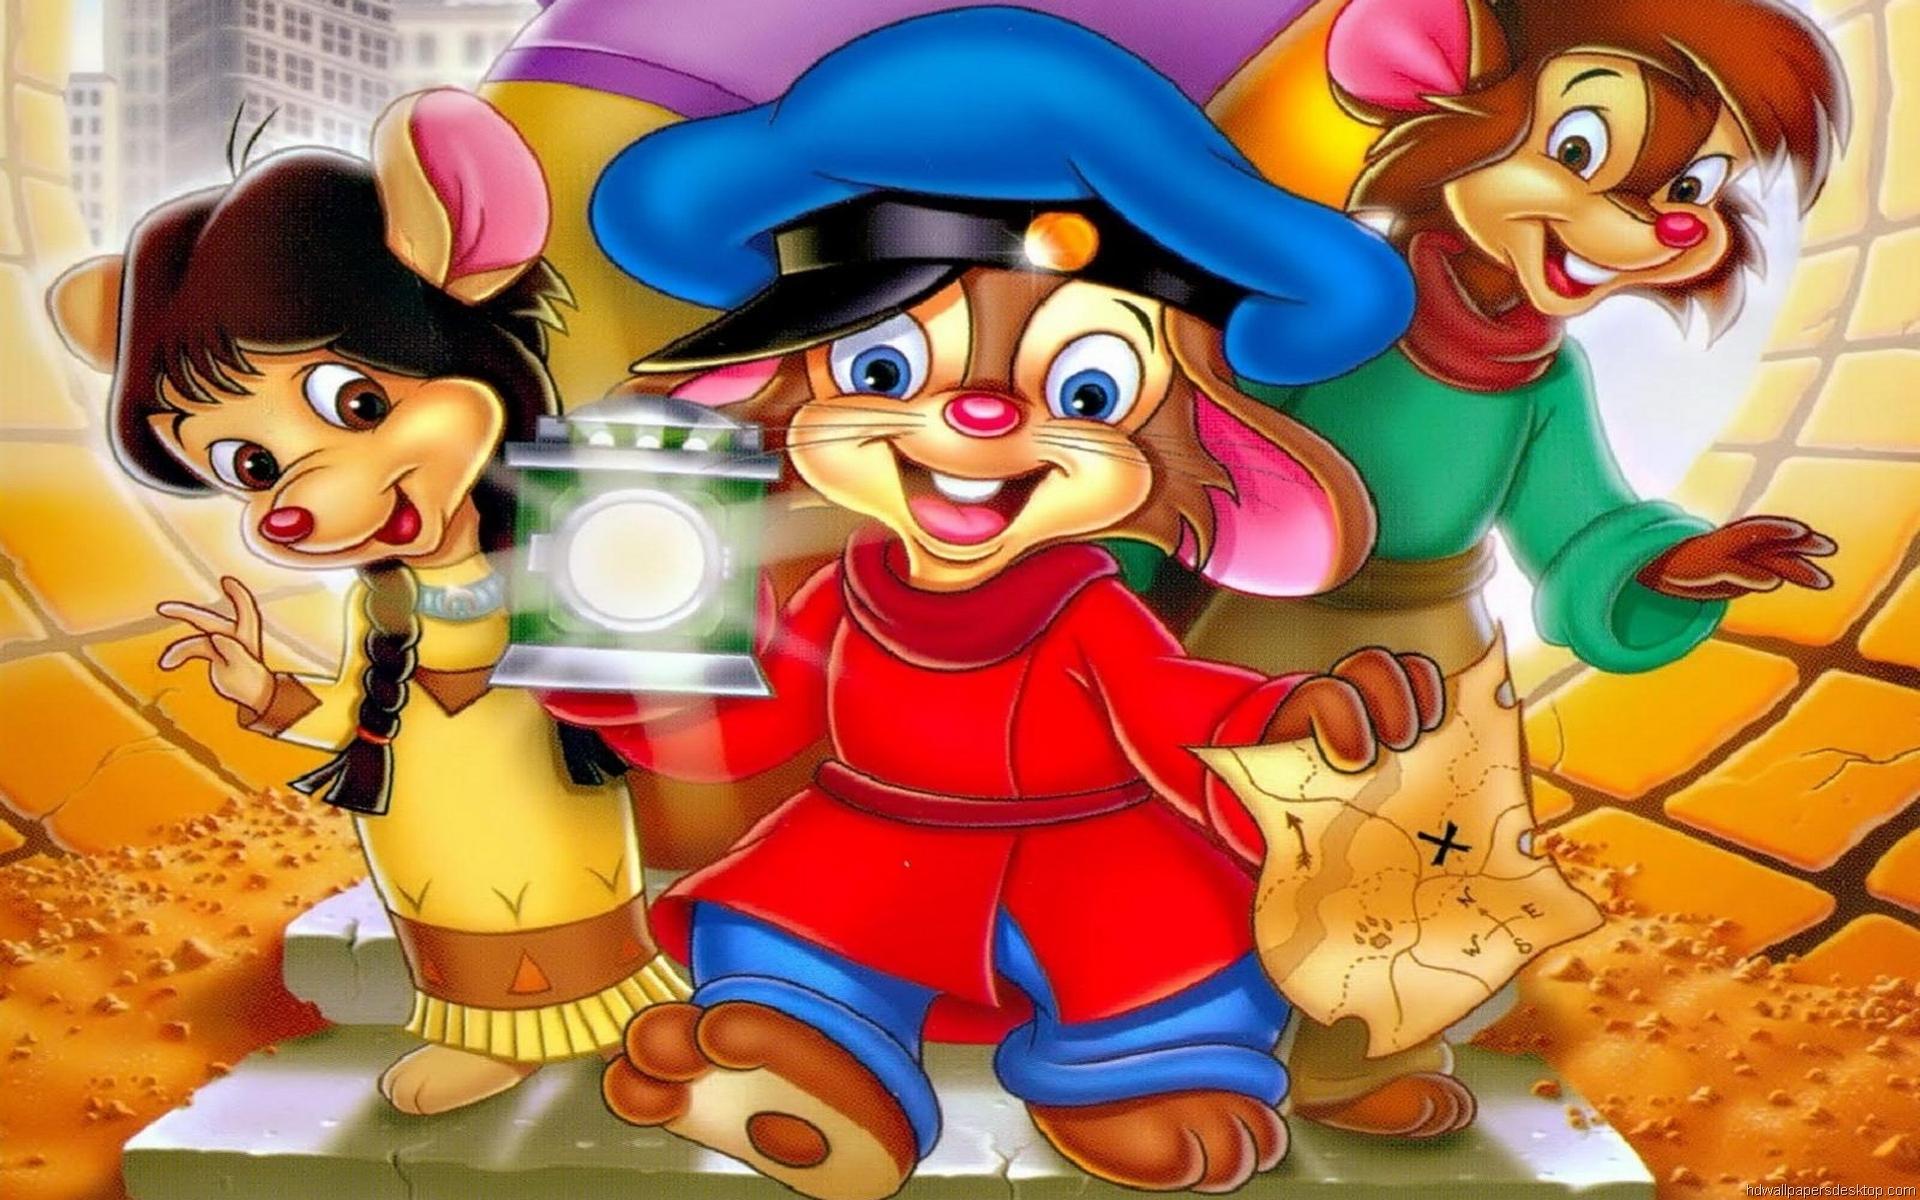 Cartoon Wallpapers Cartoon Characters Pictures Desktop Wallpapers 1920x1200